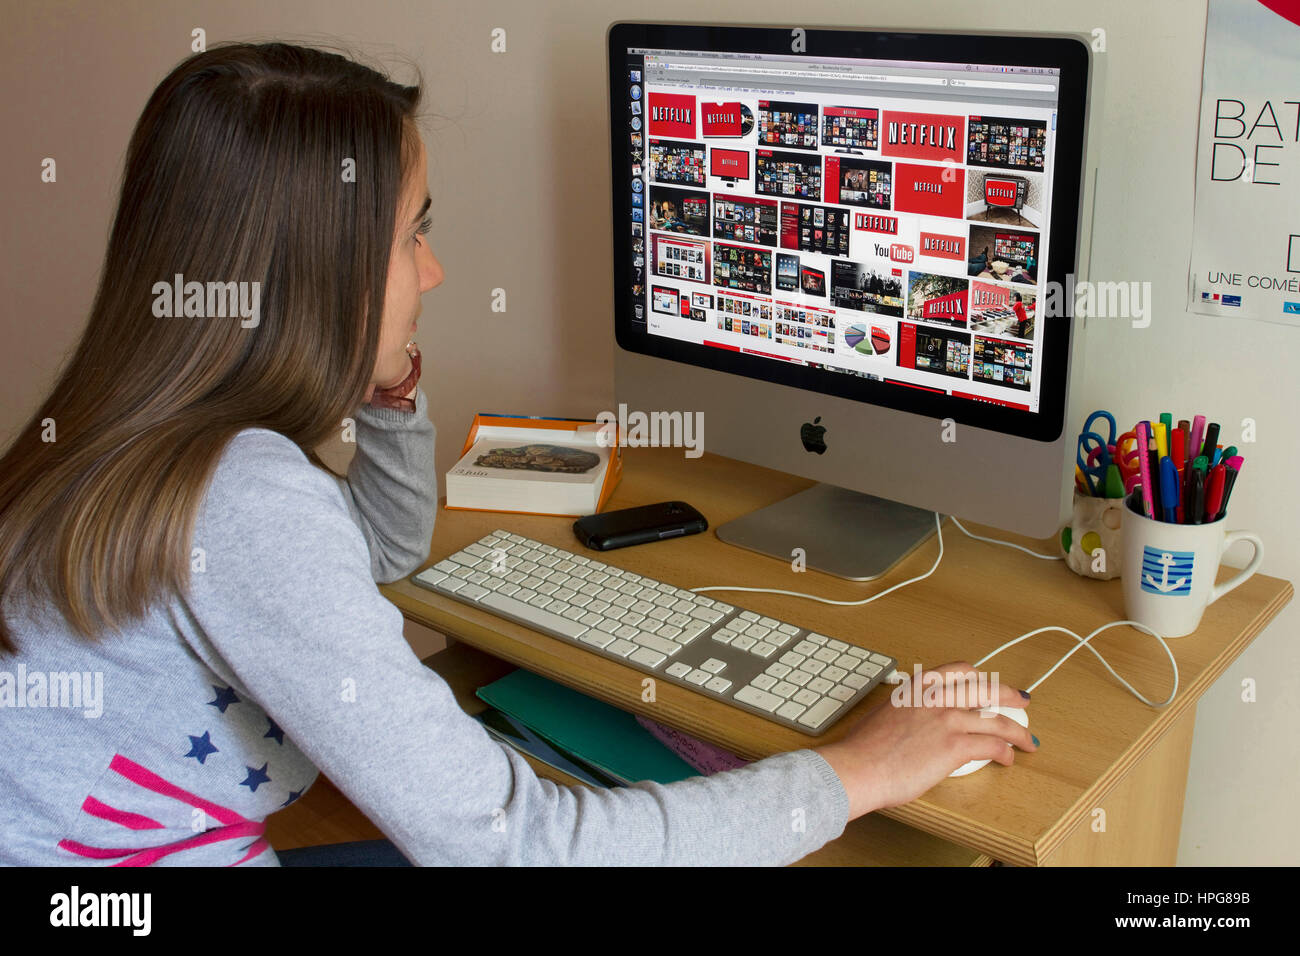 Lycéenne devant un écran d'ordinateur affichant Netflix. Photo Stock